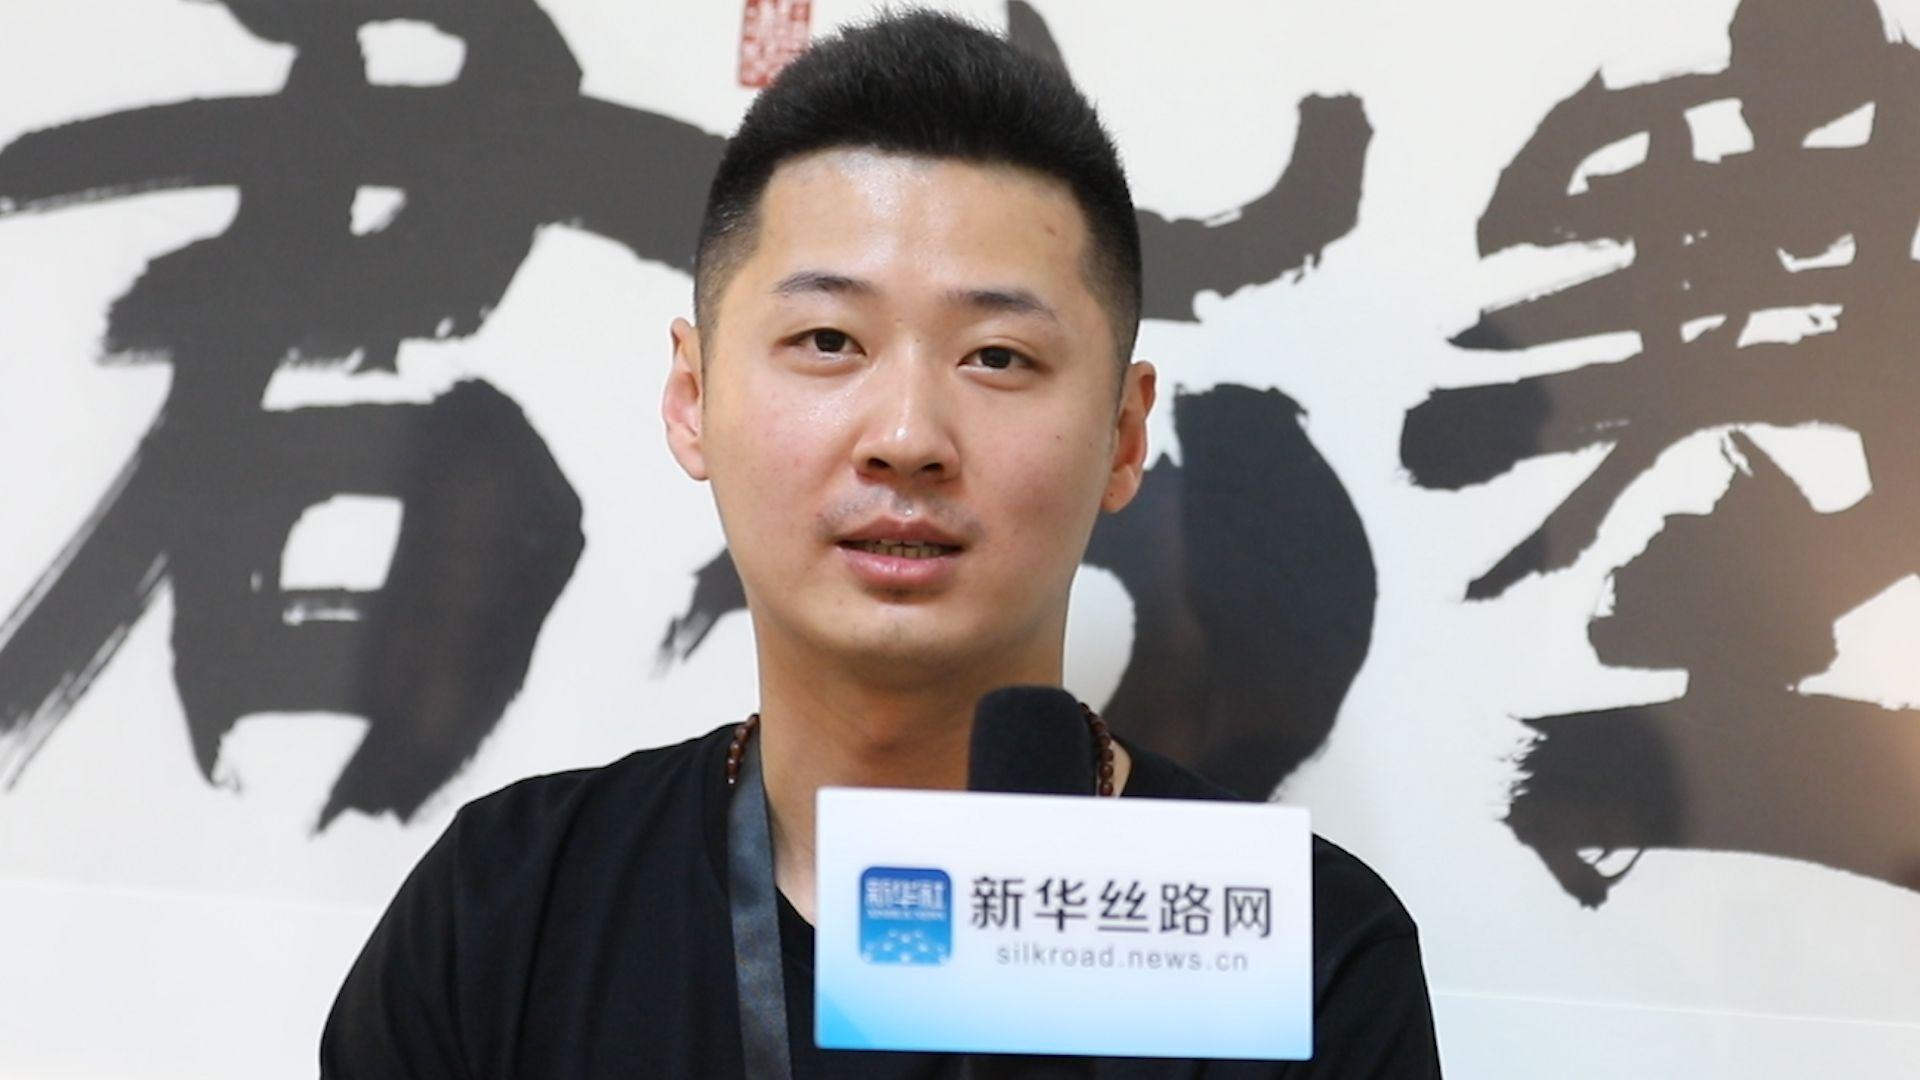 刘坤:《昭君出塞》以和平、和谐、共荣的文化精神对话世界